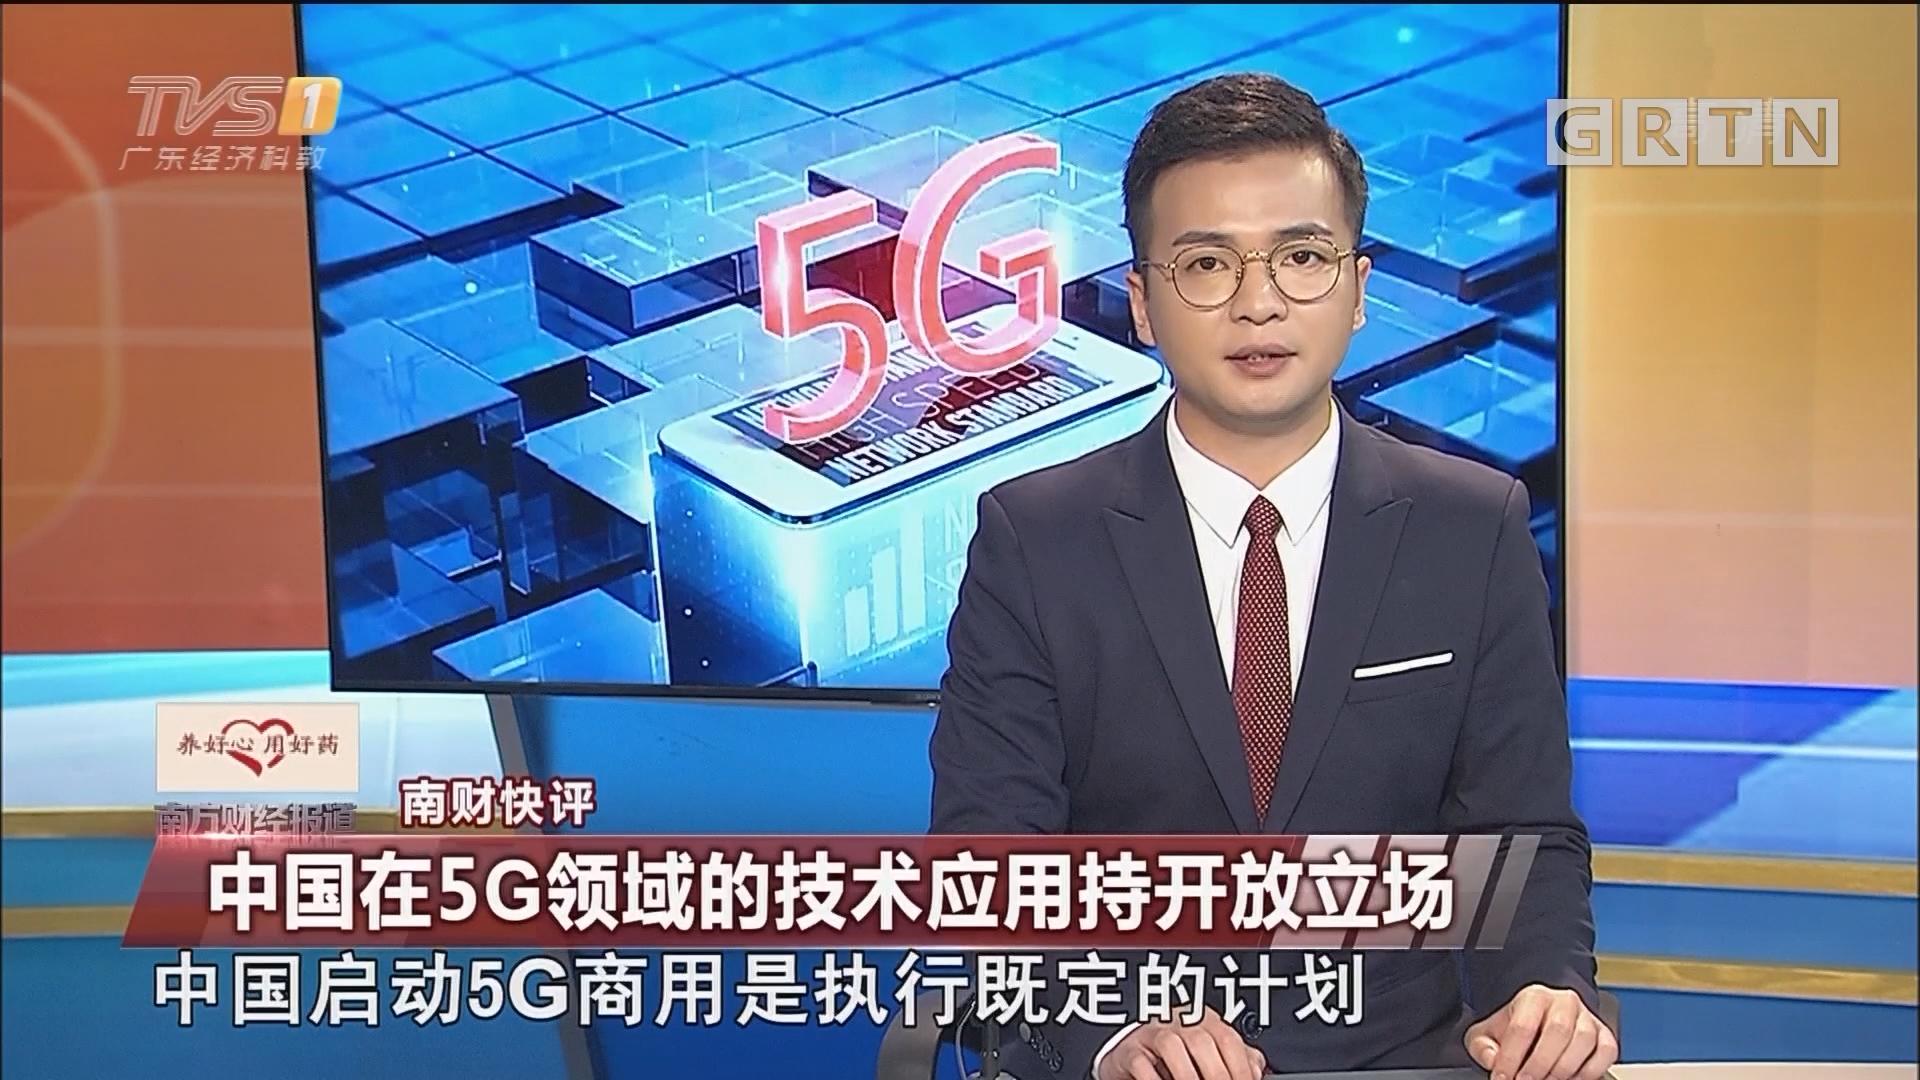 南财快评:中国在5G领域的技术应用持开放立场